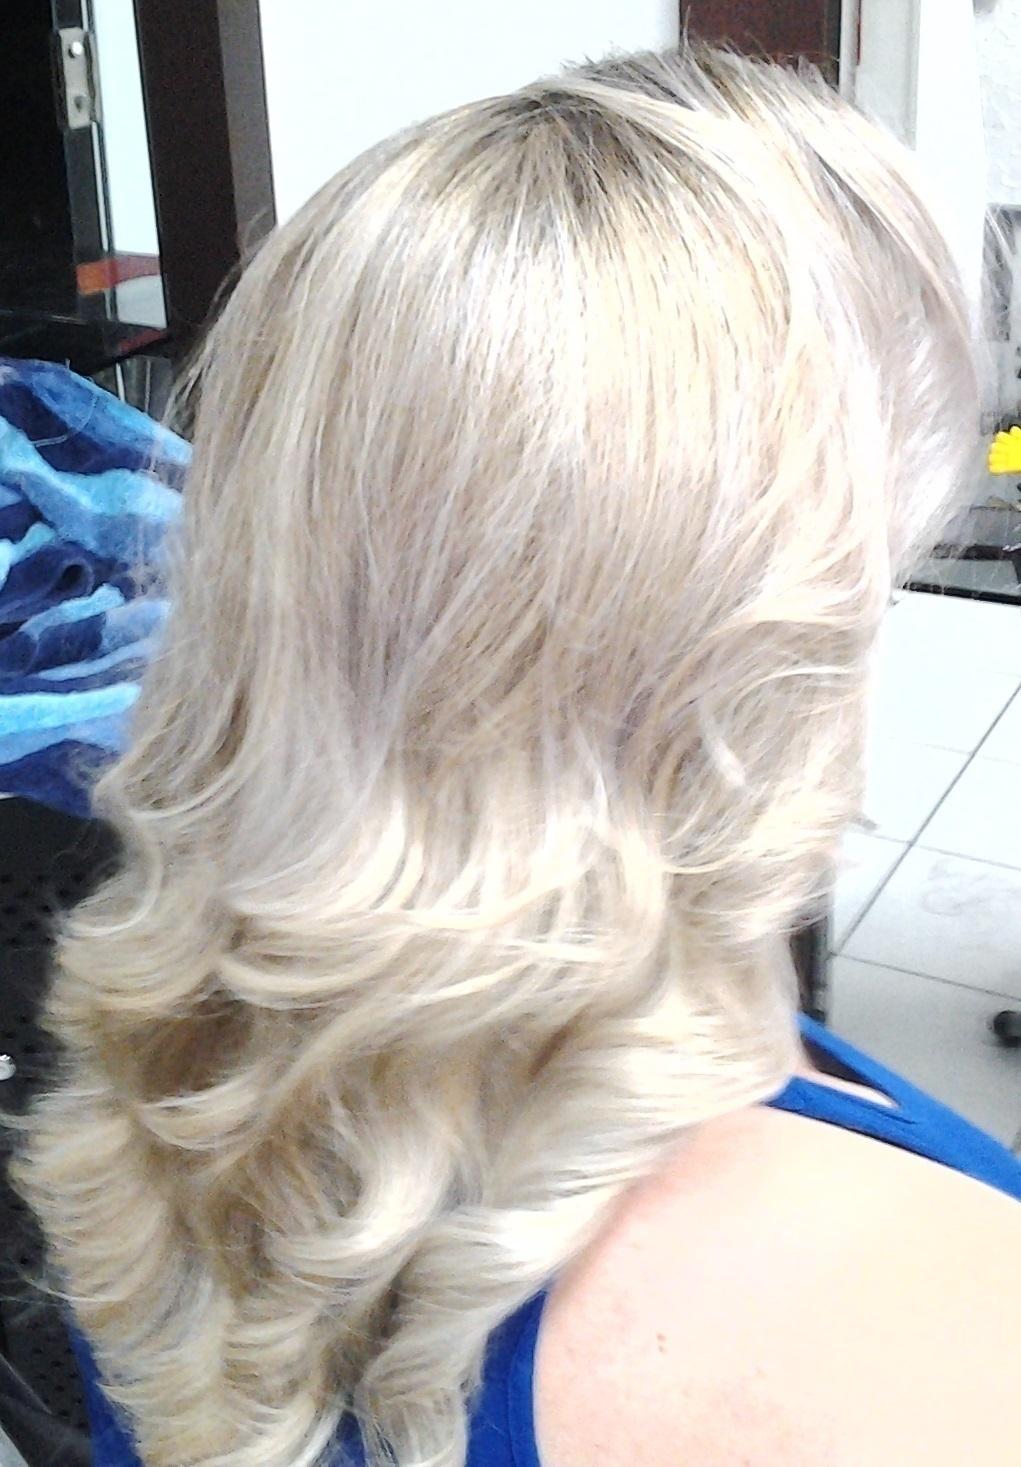 segunda etapa platinando as mechas  corte e escova cabeleireiro(a) massoterapeuta barbeiro(a) aromaterapeuta depilador(a) designer de sobrancelhas esteticista massagista stylist terapeuta visagista docente / professor(a) supervisor(a)